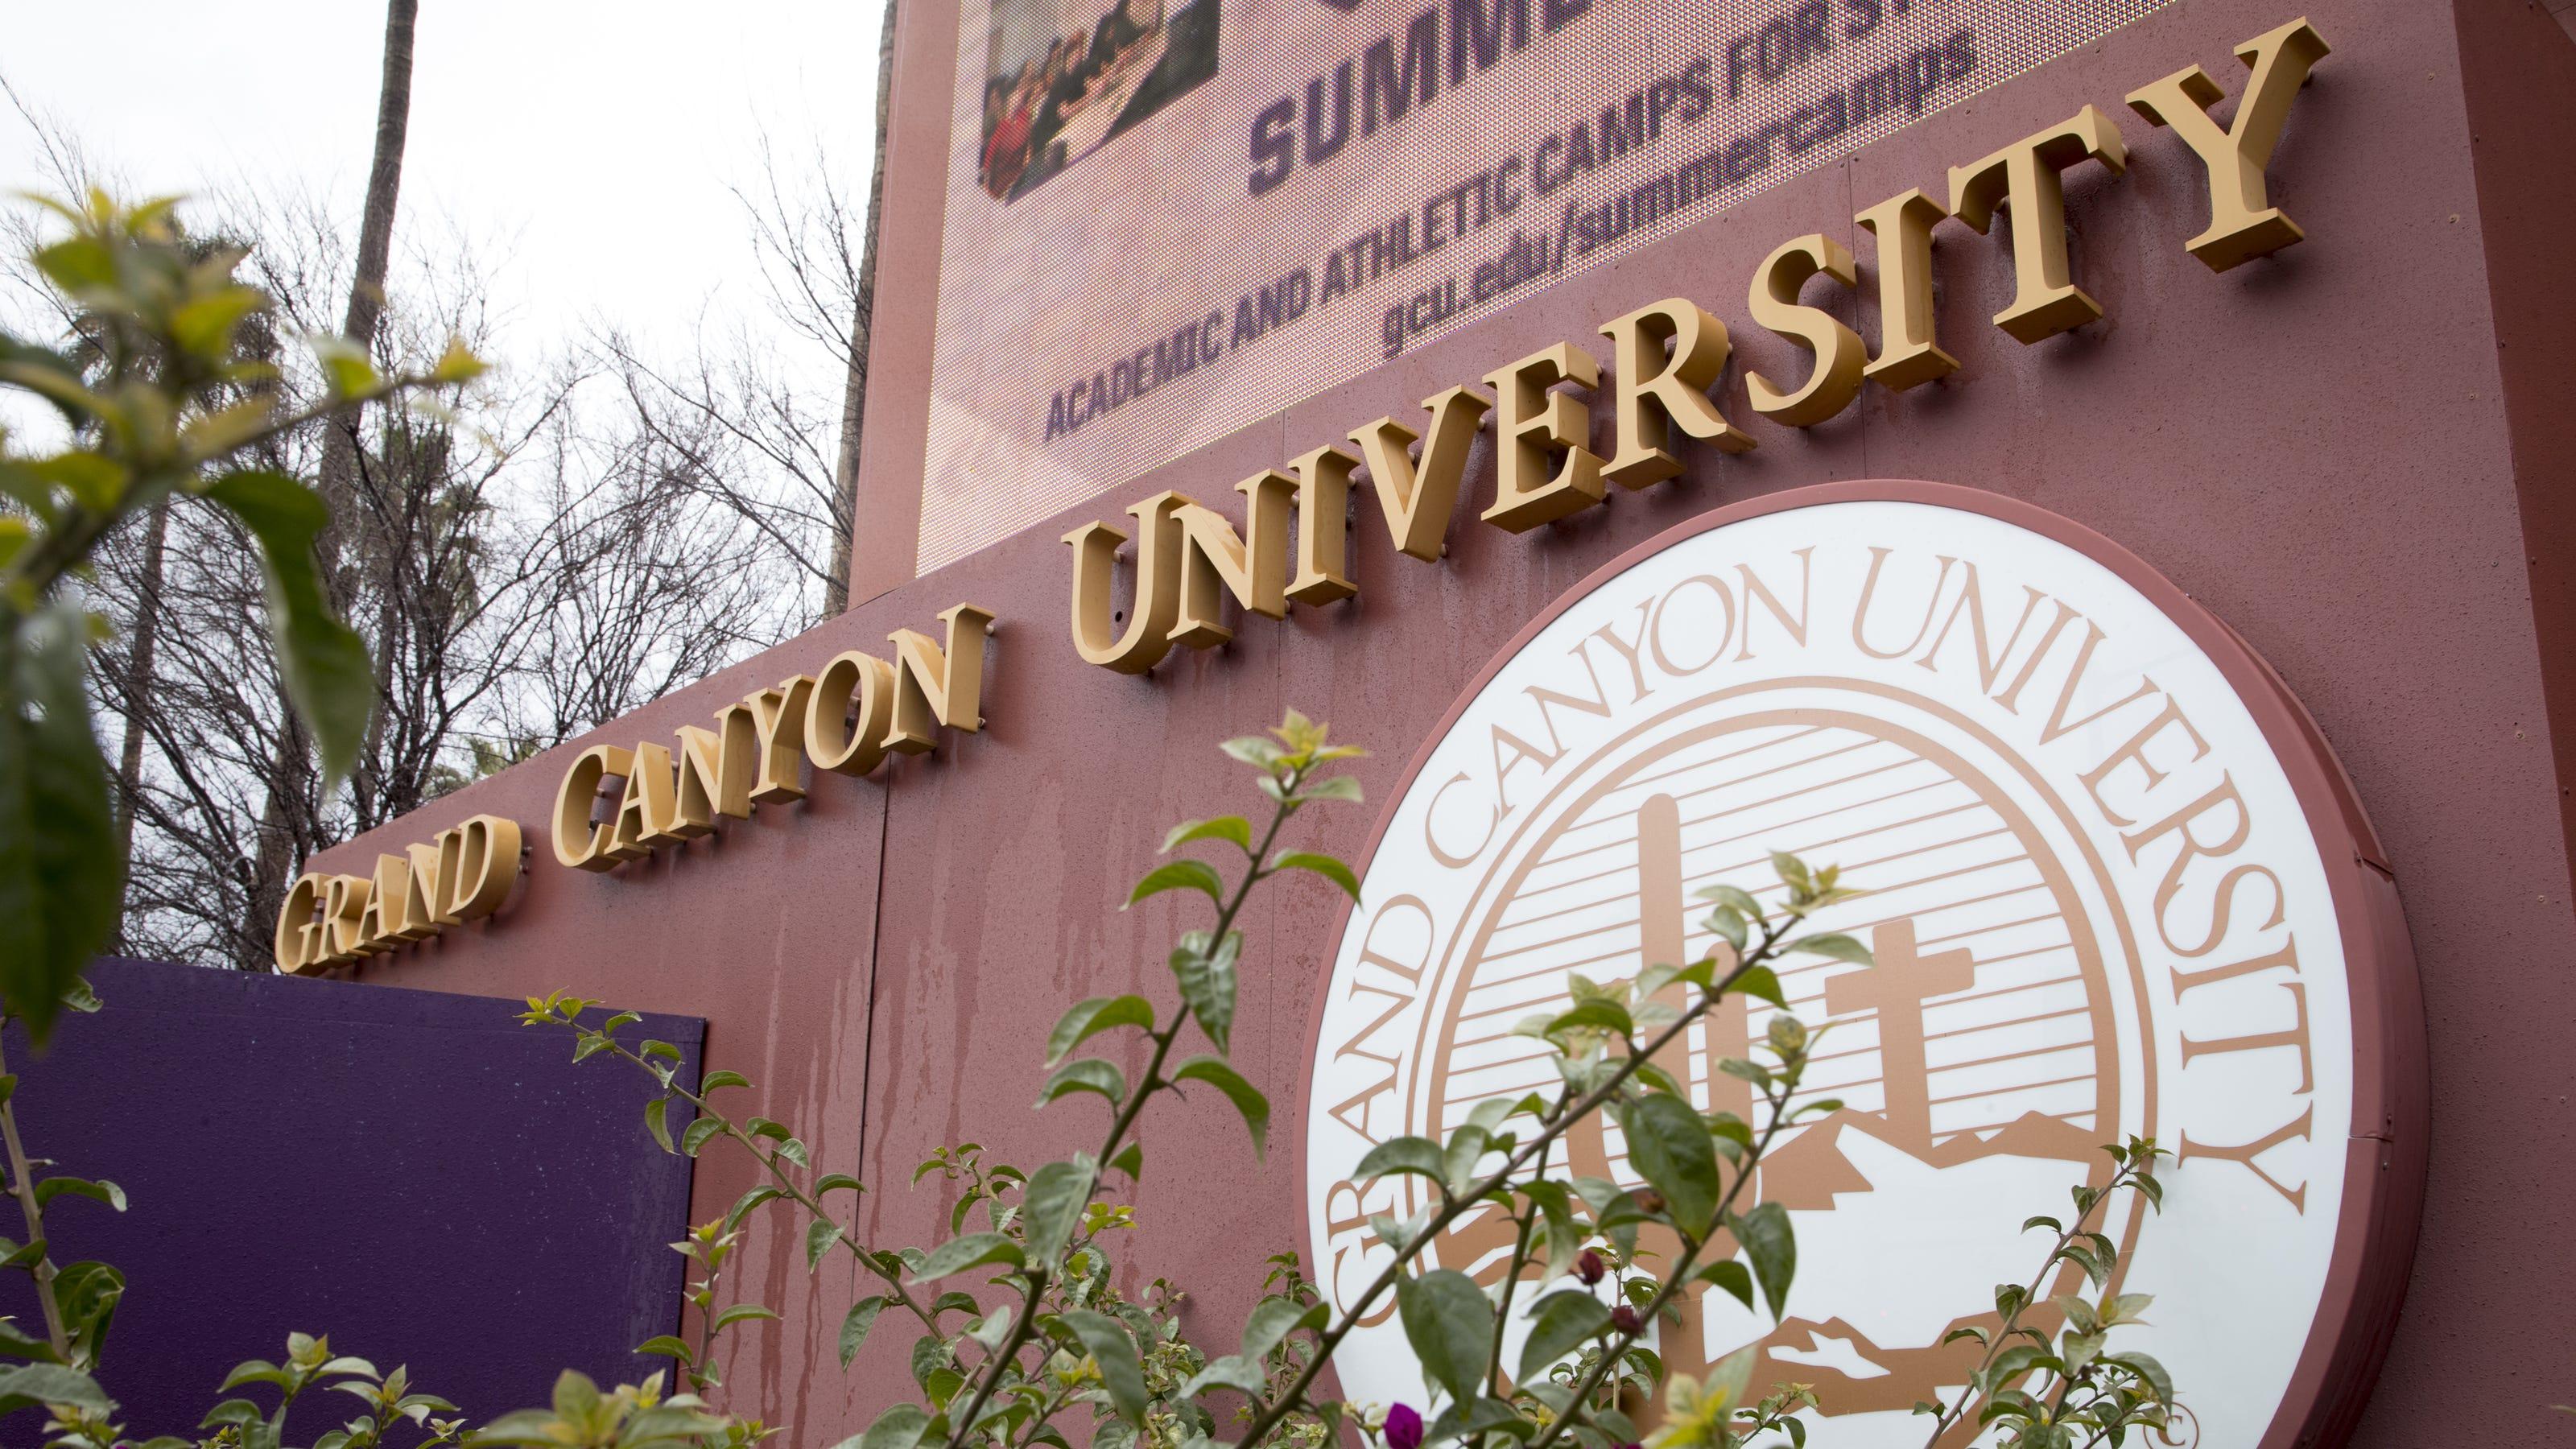 العلامة Grand Canyon University Arizona Address أفضل الصور